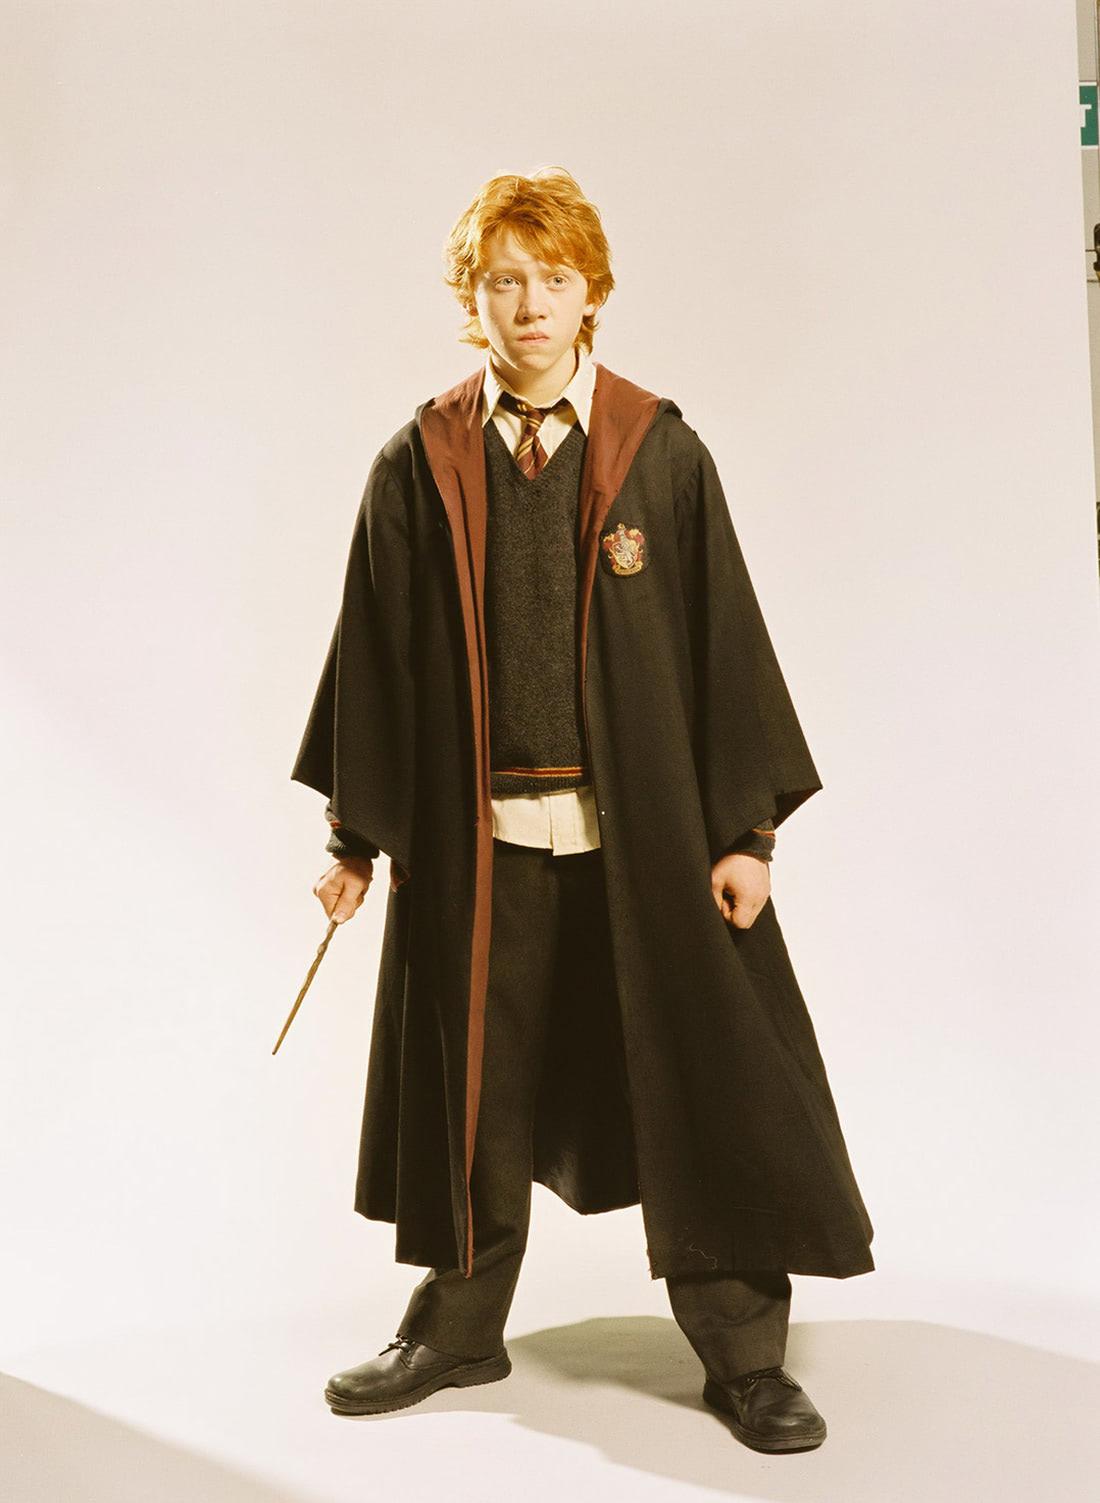 Portrait of Ron Weasley